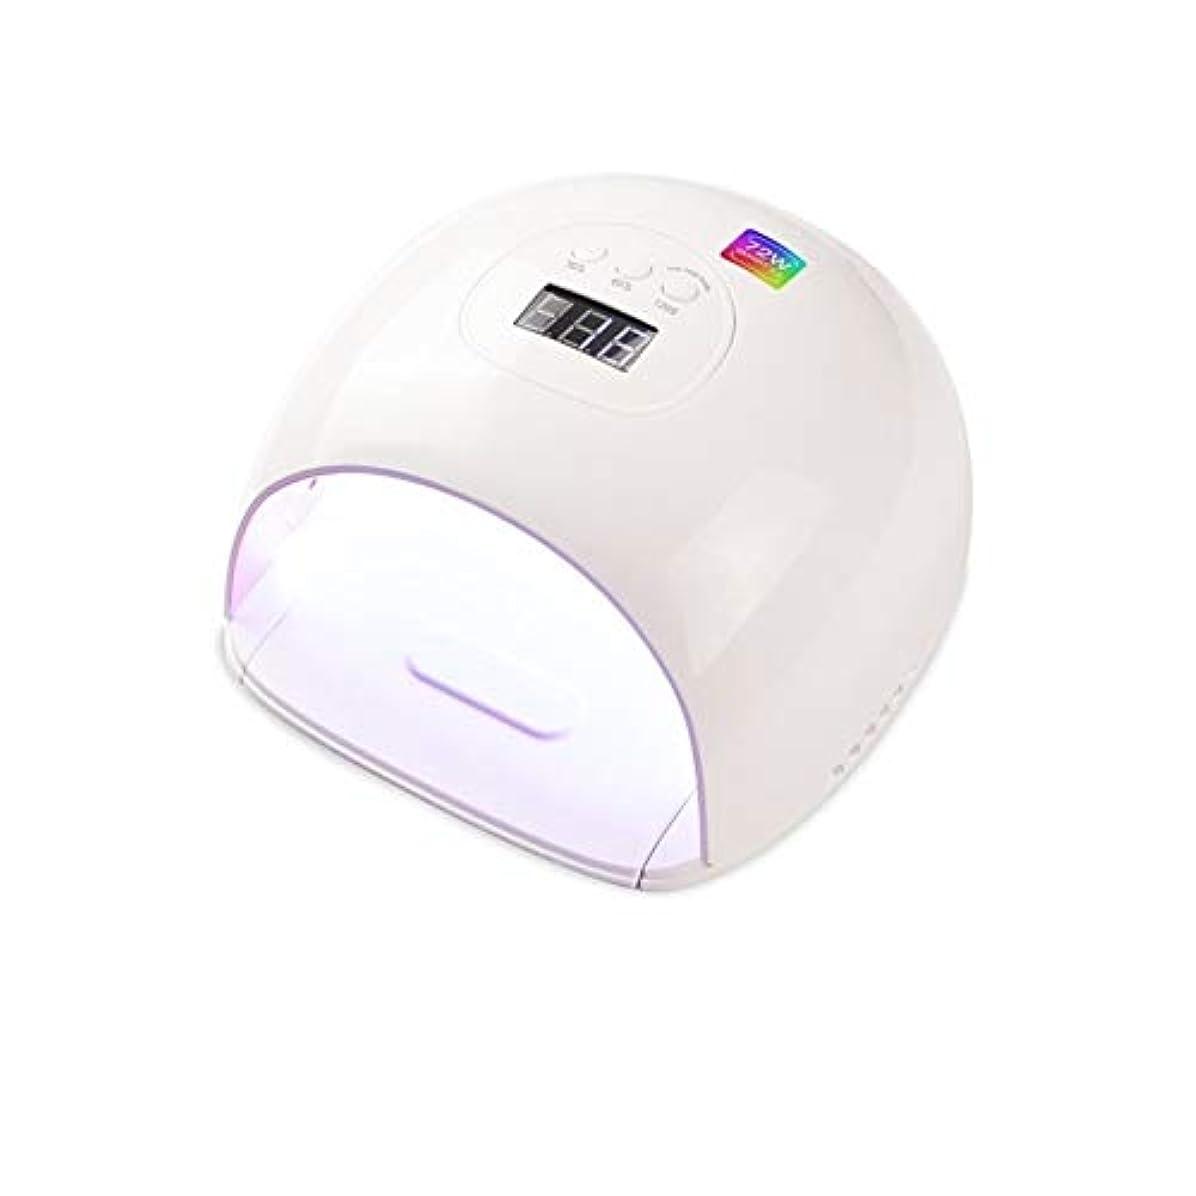 目立つレバー量でLittleCat UV / LEDランプスマートセンサネイルUVランプ電力72Wプラスチックポーランドドライヤー (色 : European standard circular plug)